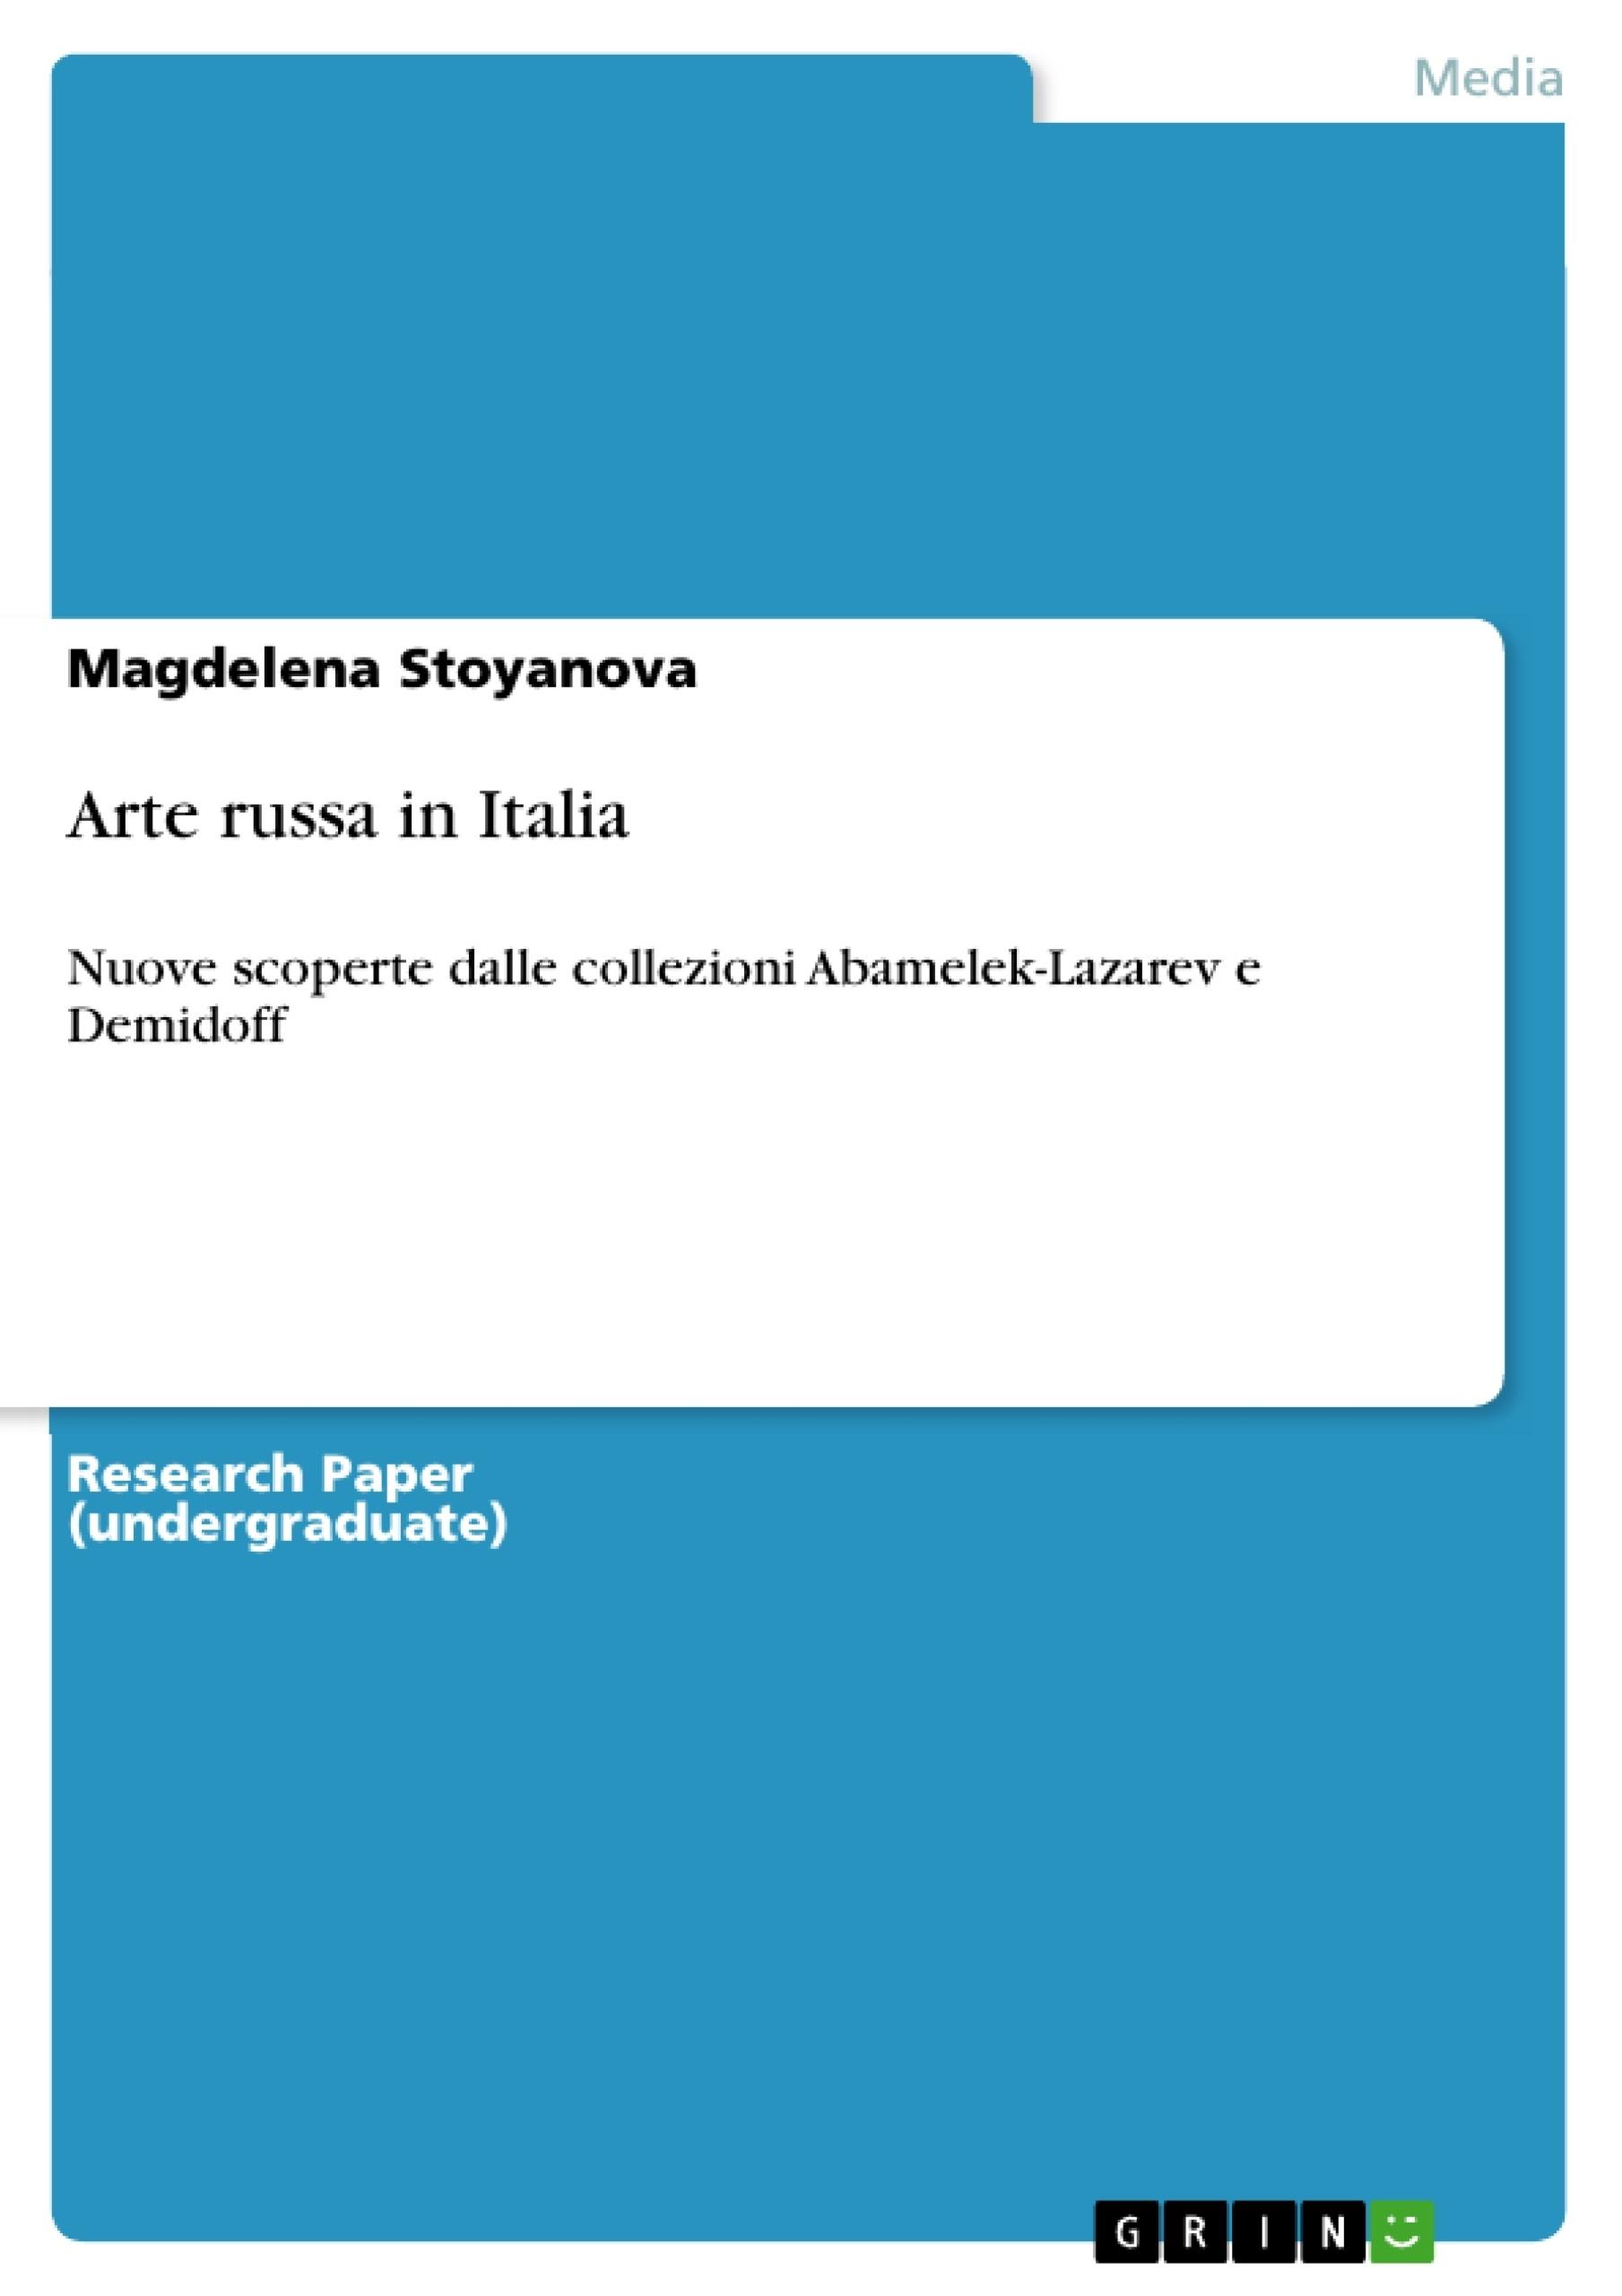 Title: Arte russa in Italia